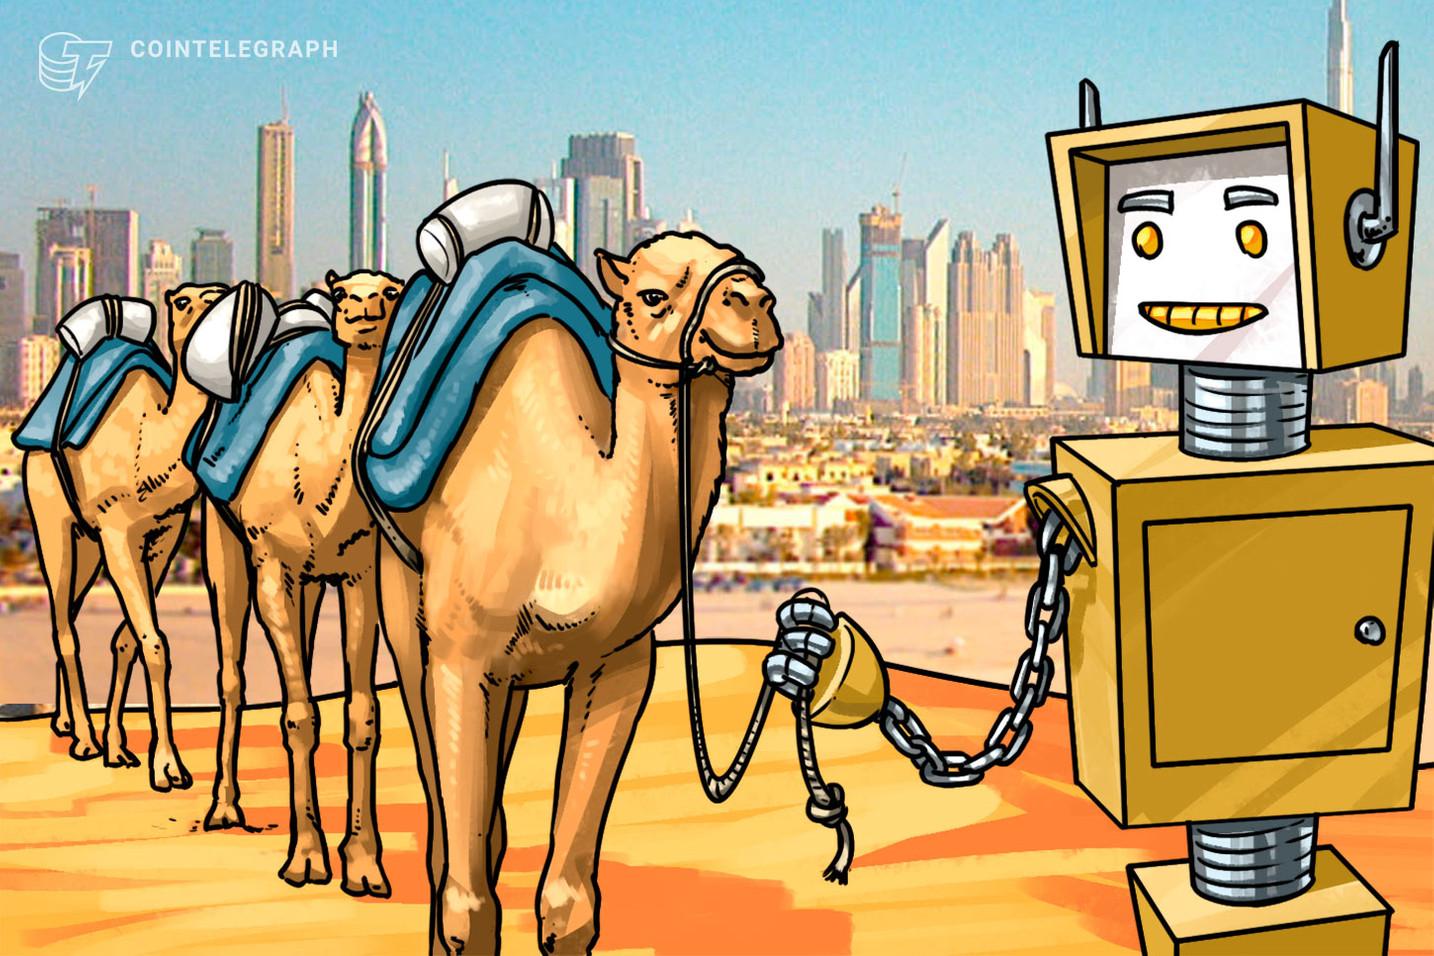 Dubai: Finanzministerium führt Blockchain-basiertes Zahlungssystem für Regierung ein